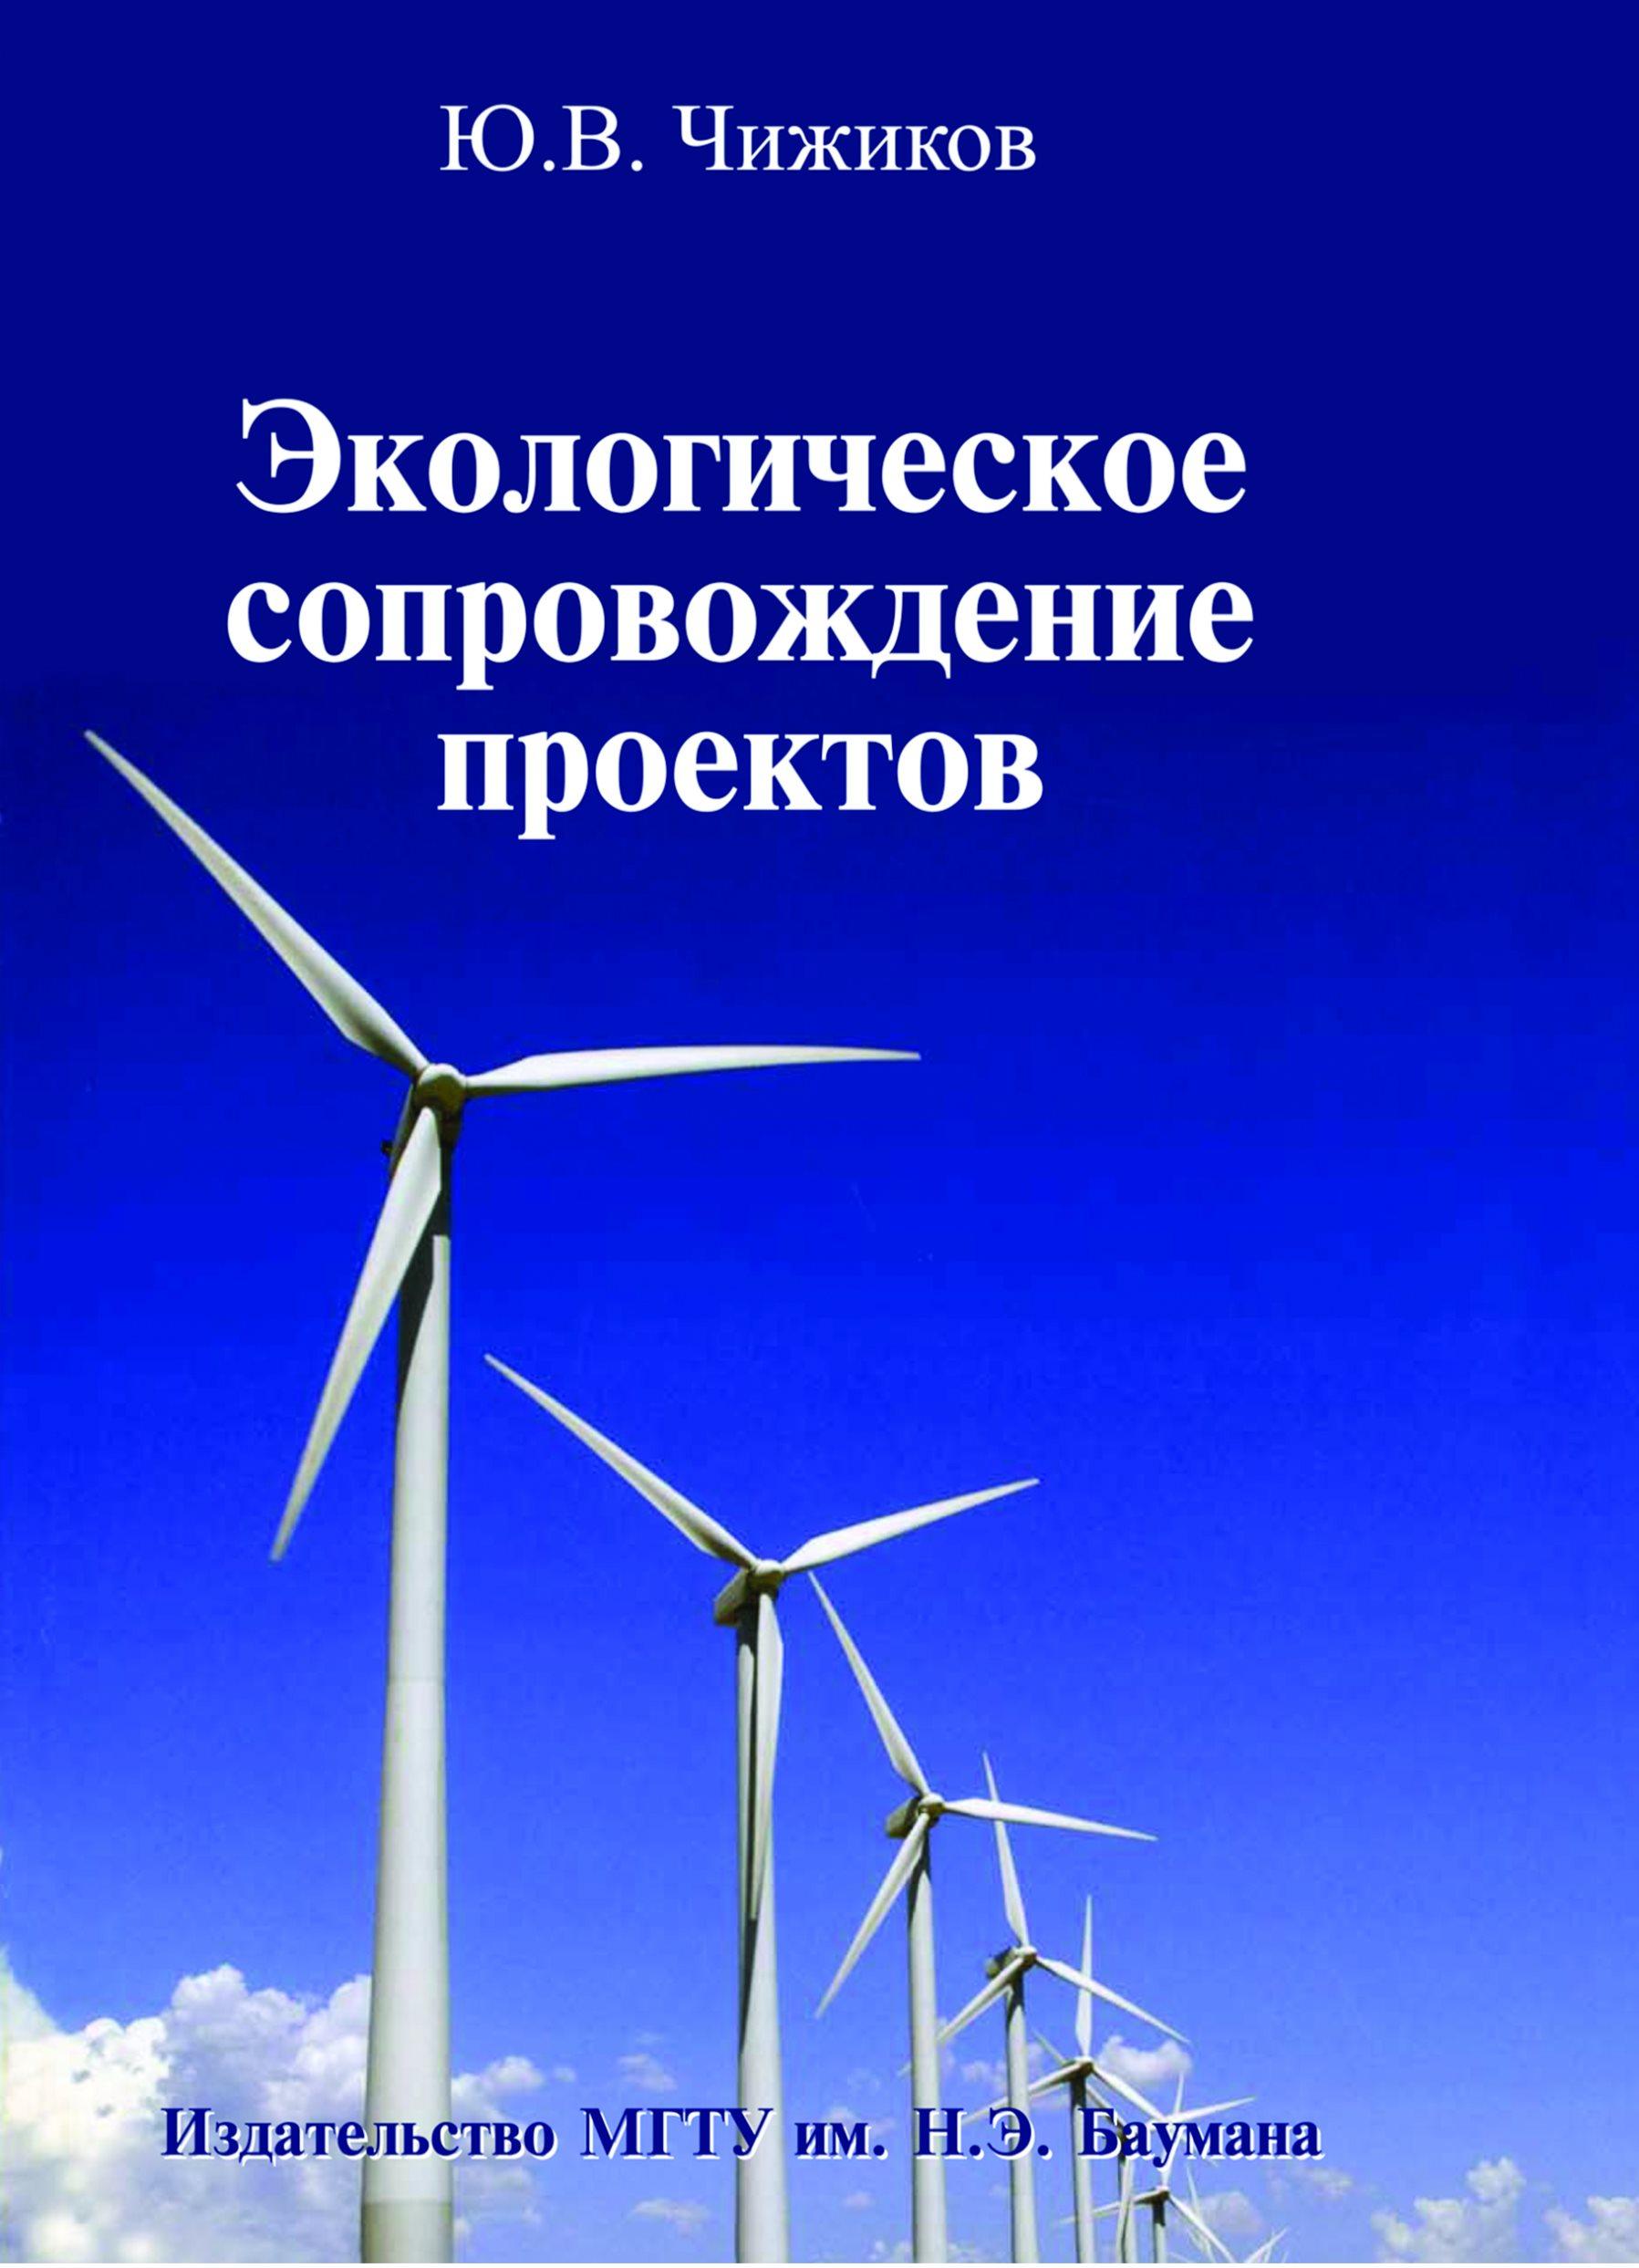 Юрий Чижиков Экологическое сопровождение проектов е в нисковская о и литвинец оценка воздействия на окружающую среду и экологическая экспертиза учебно методический комплекс